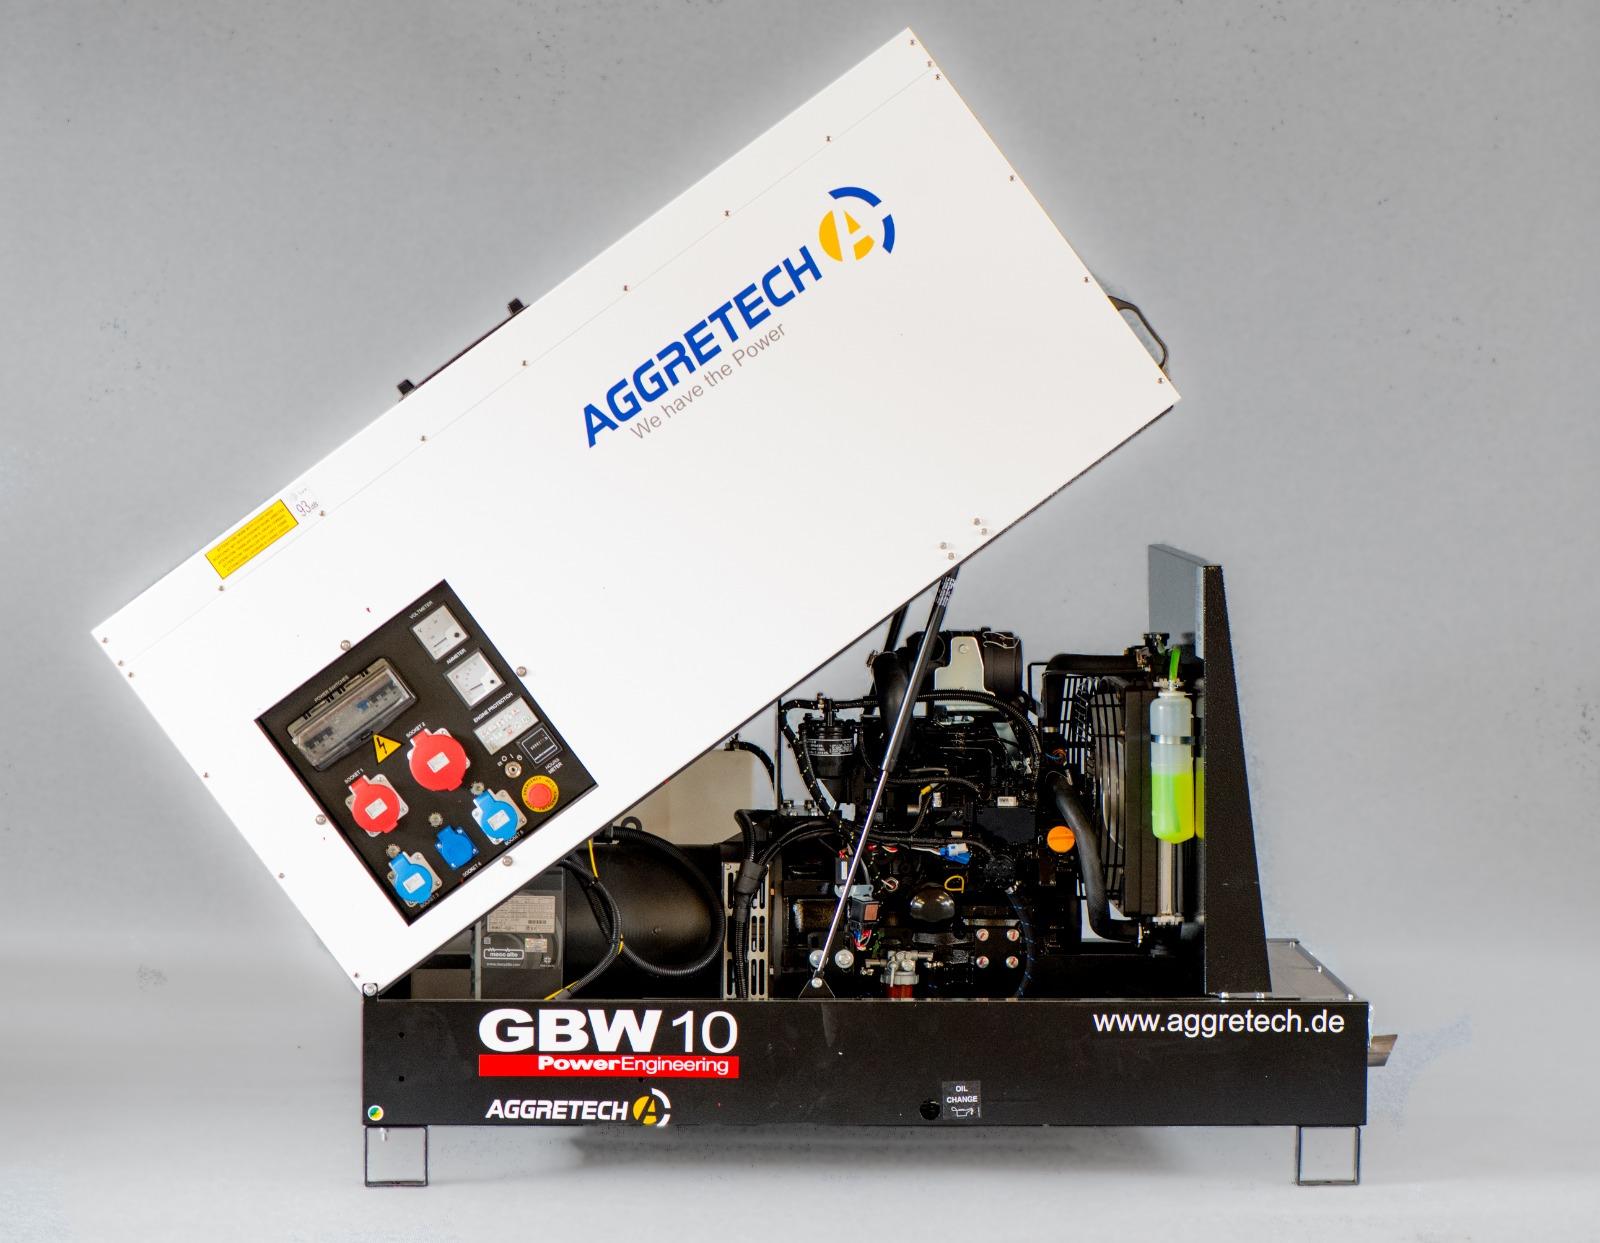 Notstromaggregat GBW10 von Aggretech